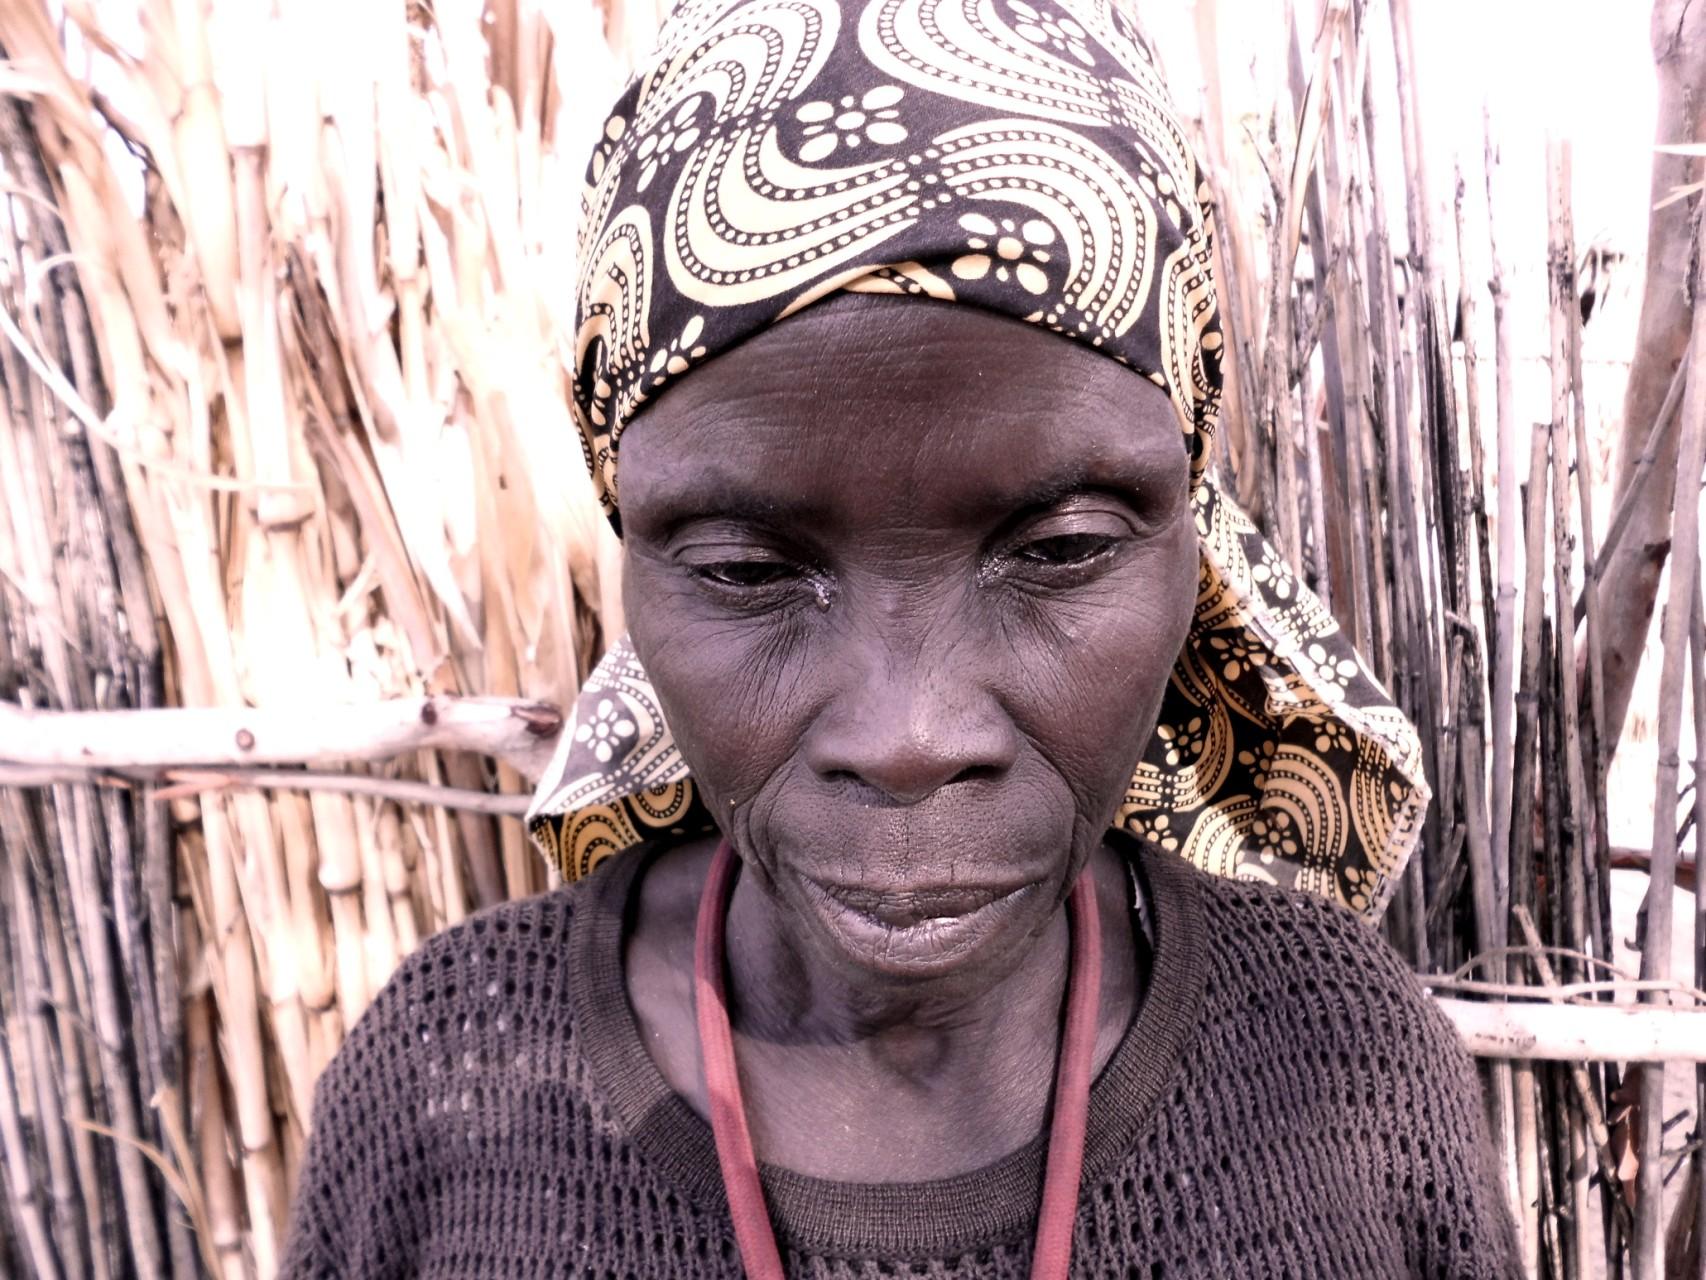 Portraits of Kavango